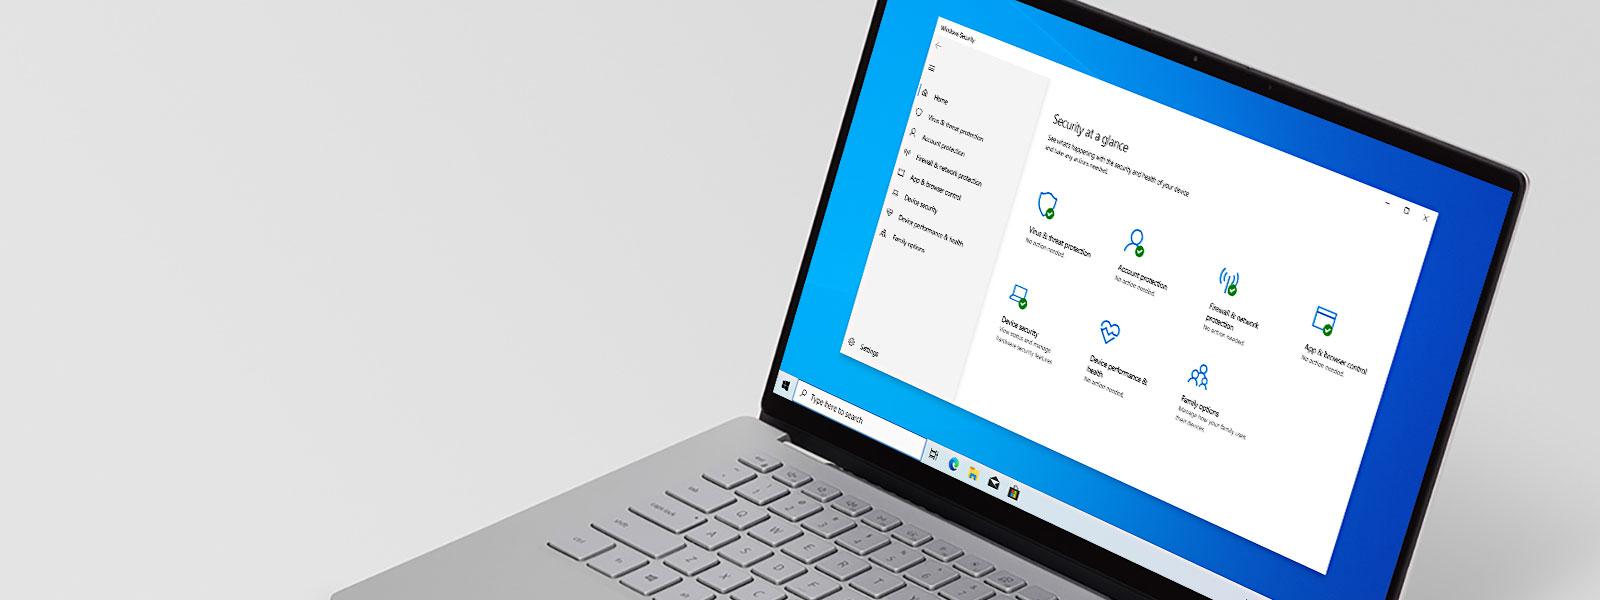 Windows 10-Laptop mit angezeigtem Microsoft Defender Antivirus-Fenster